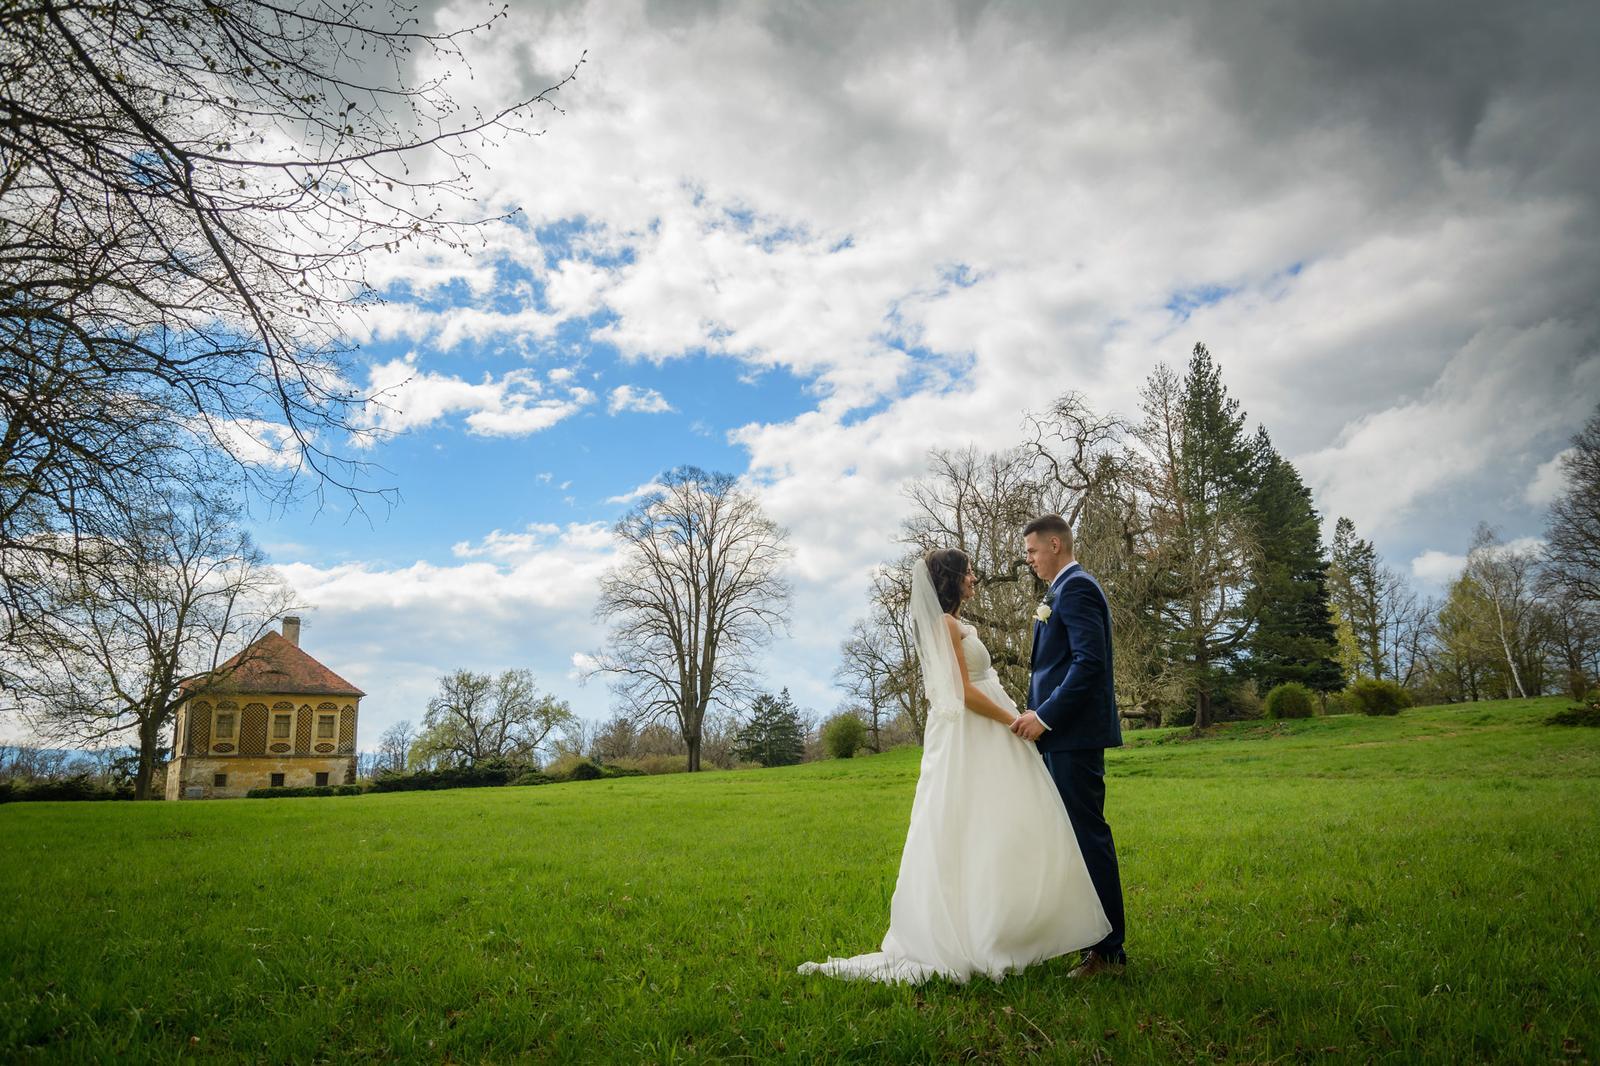 Svatební fotograf Karel Královec - kralovecphoto - Obrázek č. 35